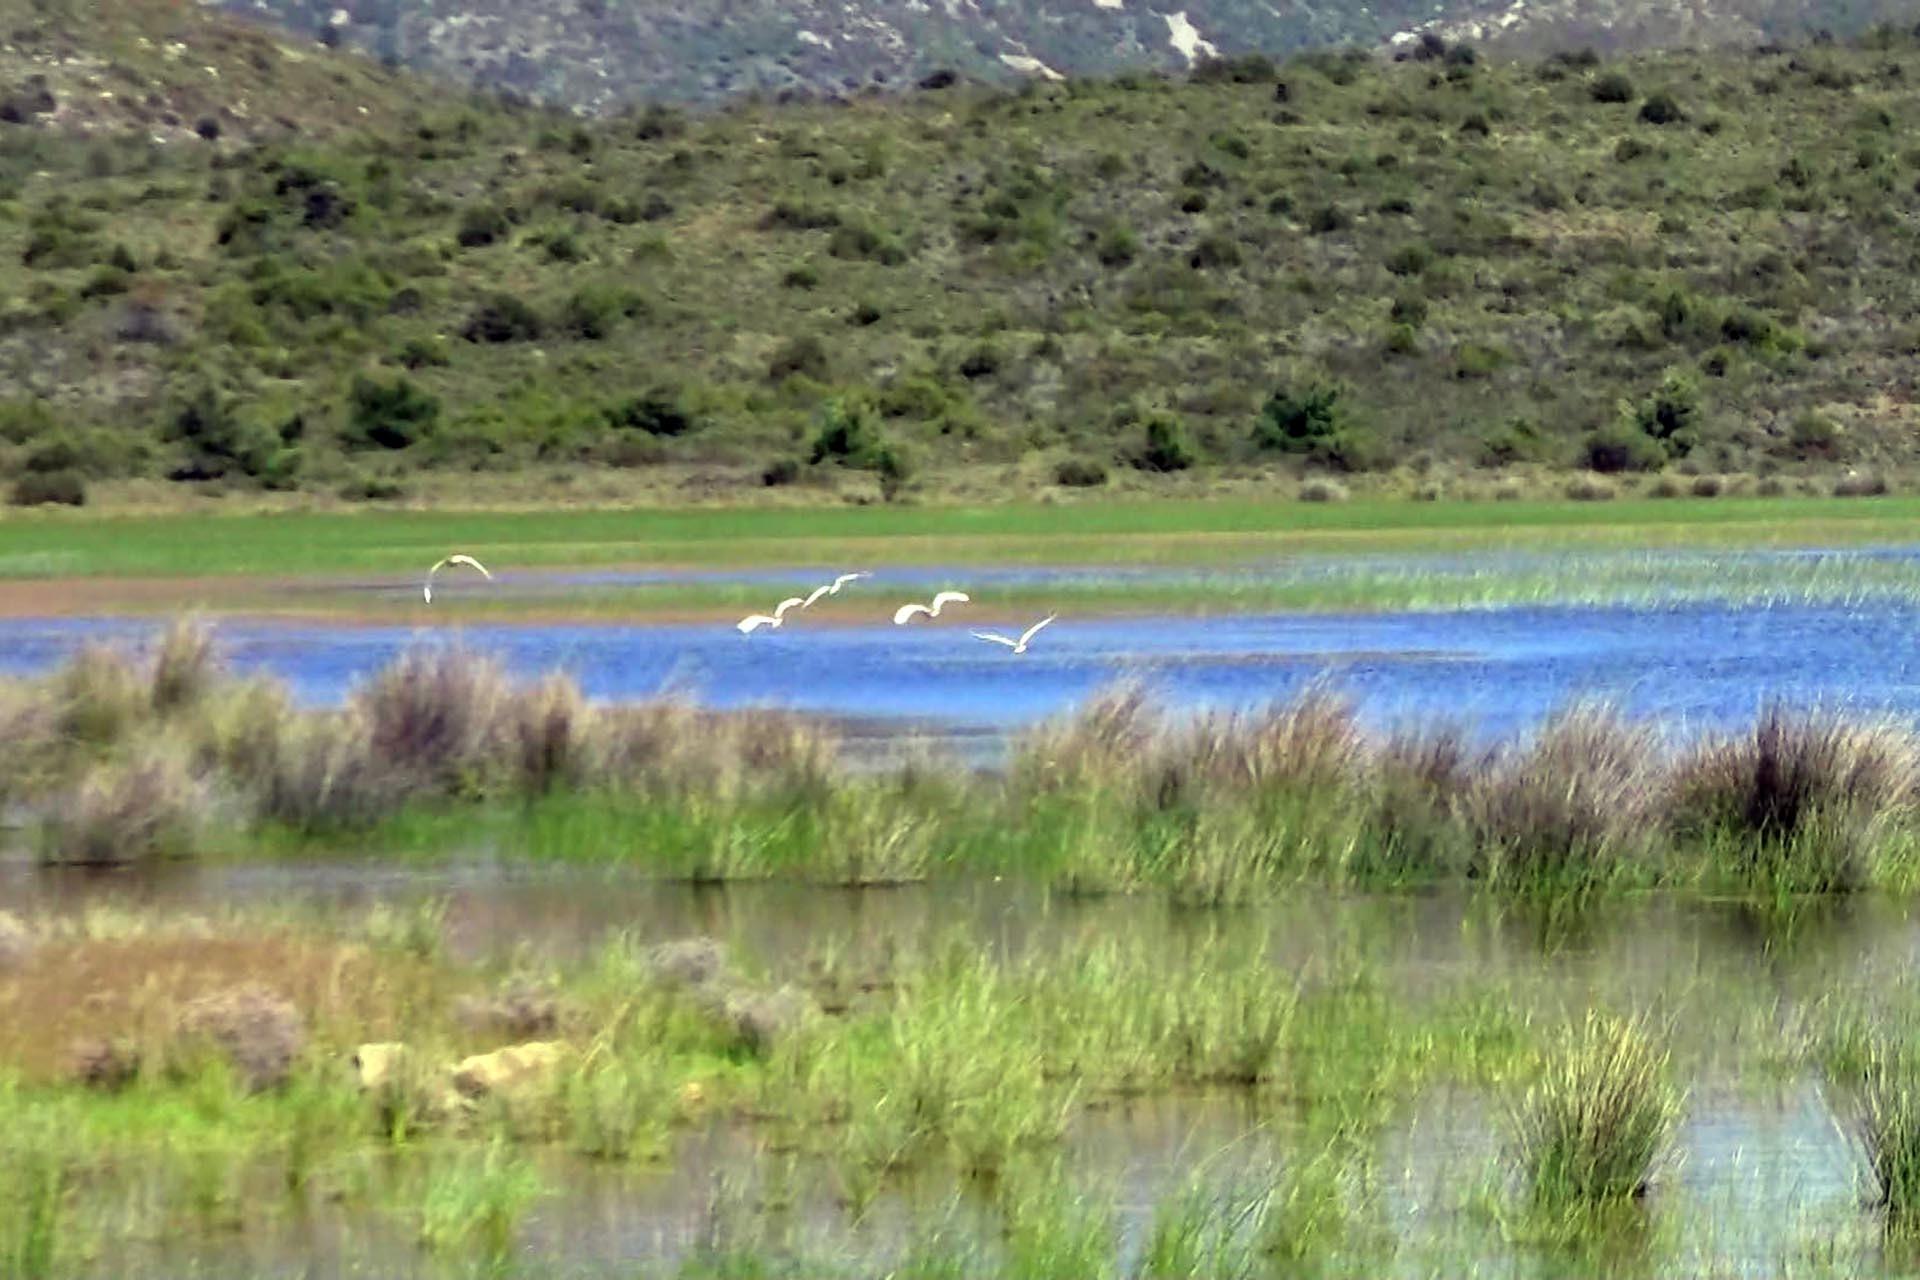 İris Gölü ve üzerinde uçan kuşlar